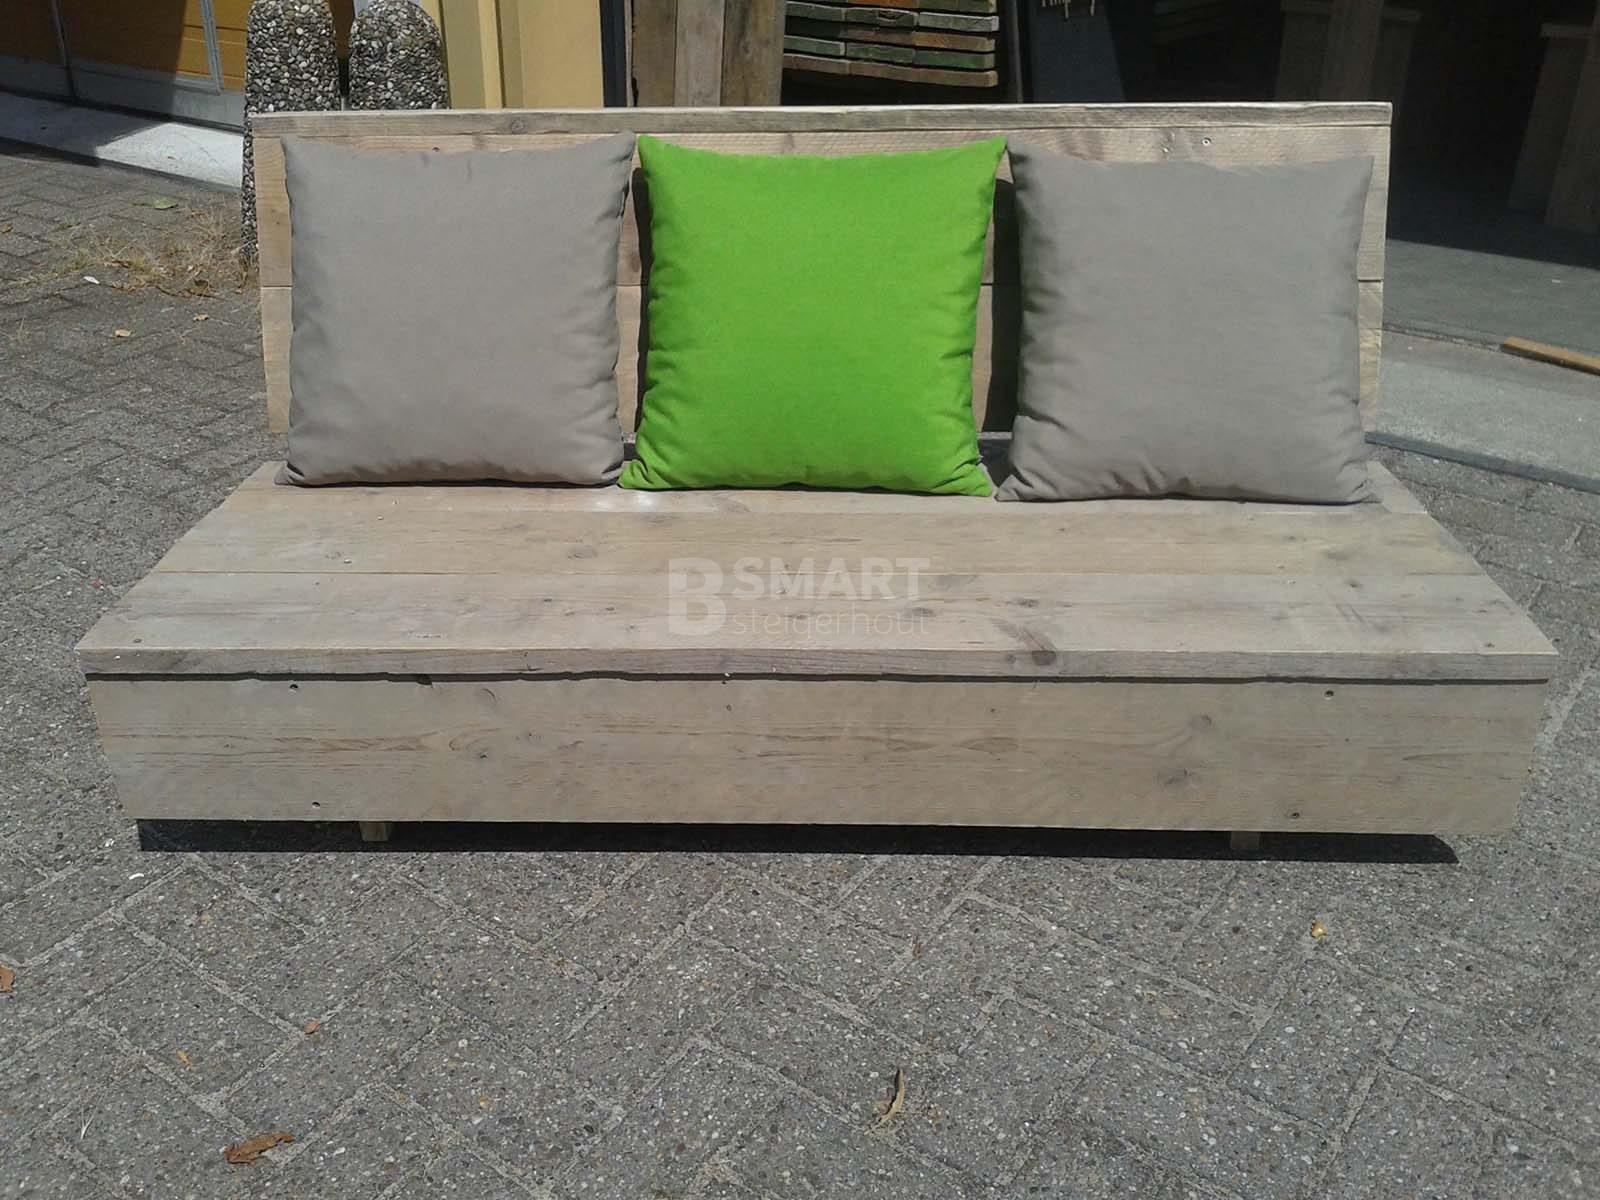 Lage loungebank steigerhout b smart steigerhout - Buiten image outs ...